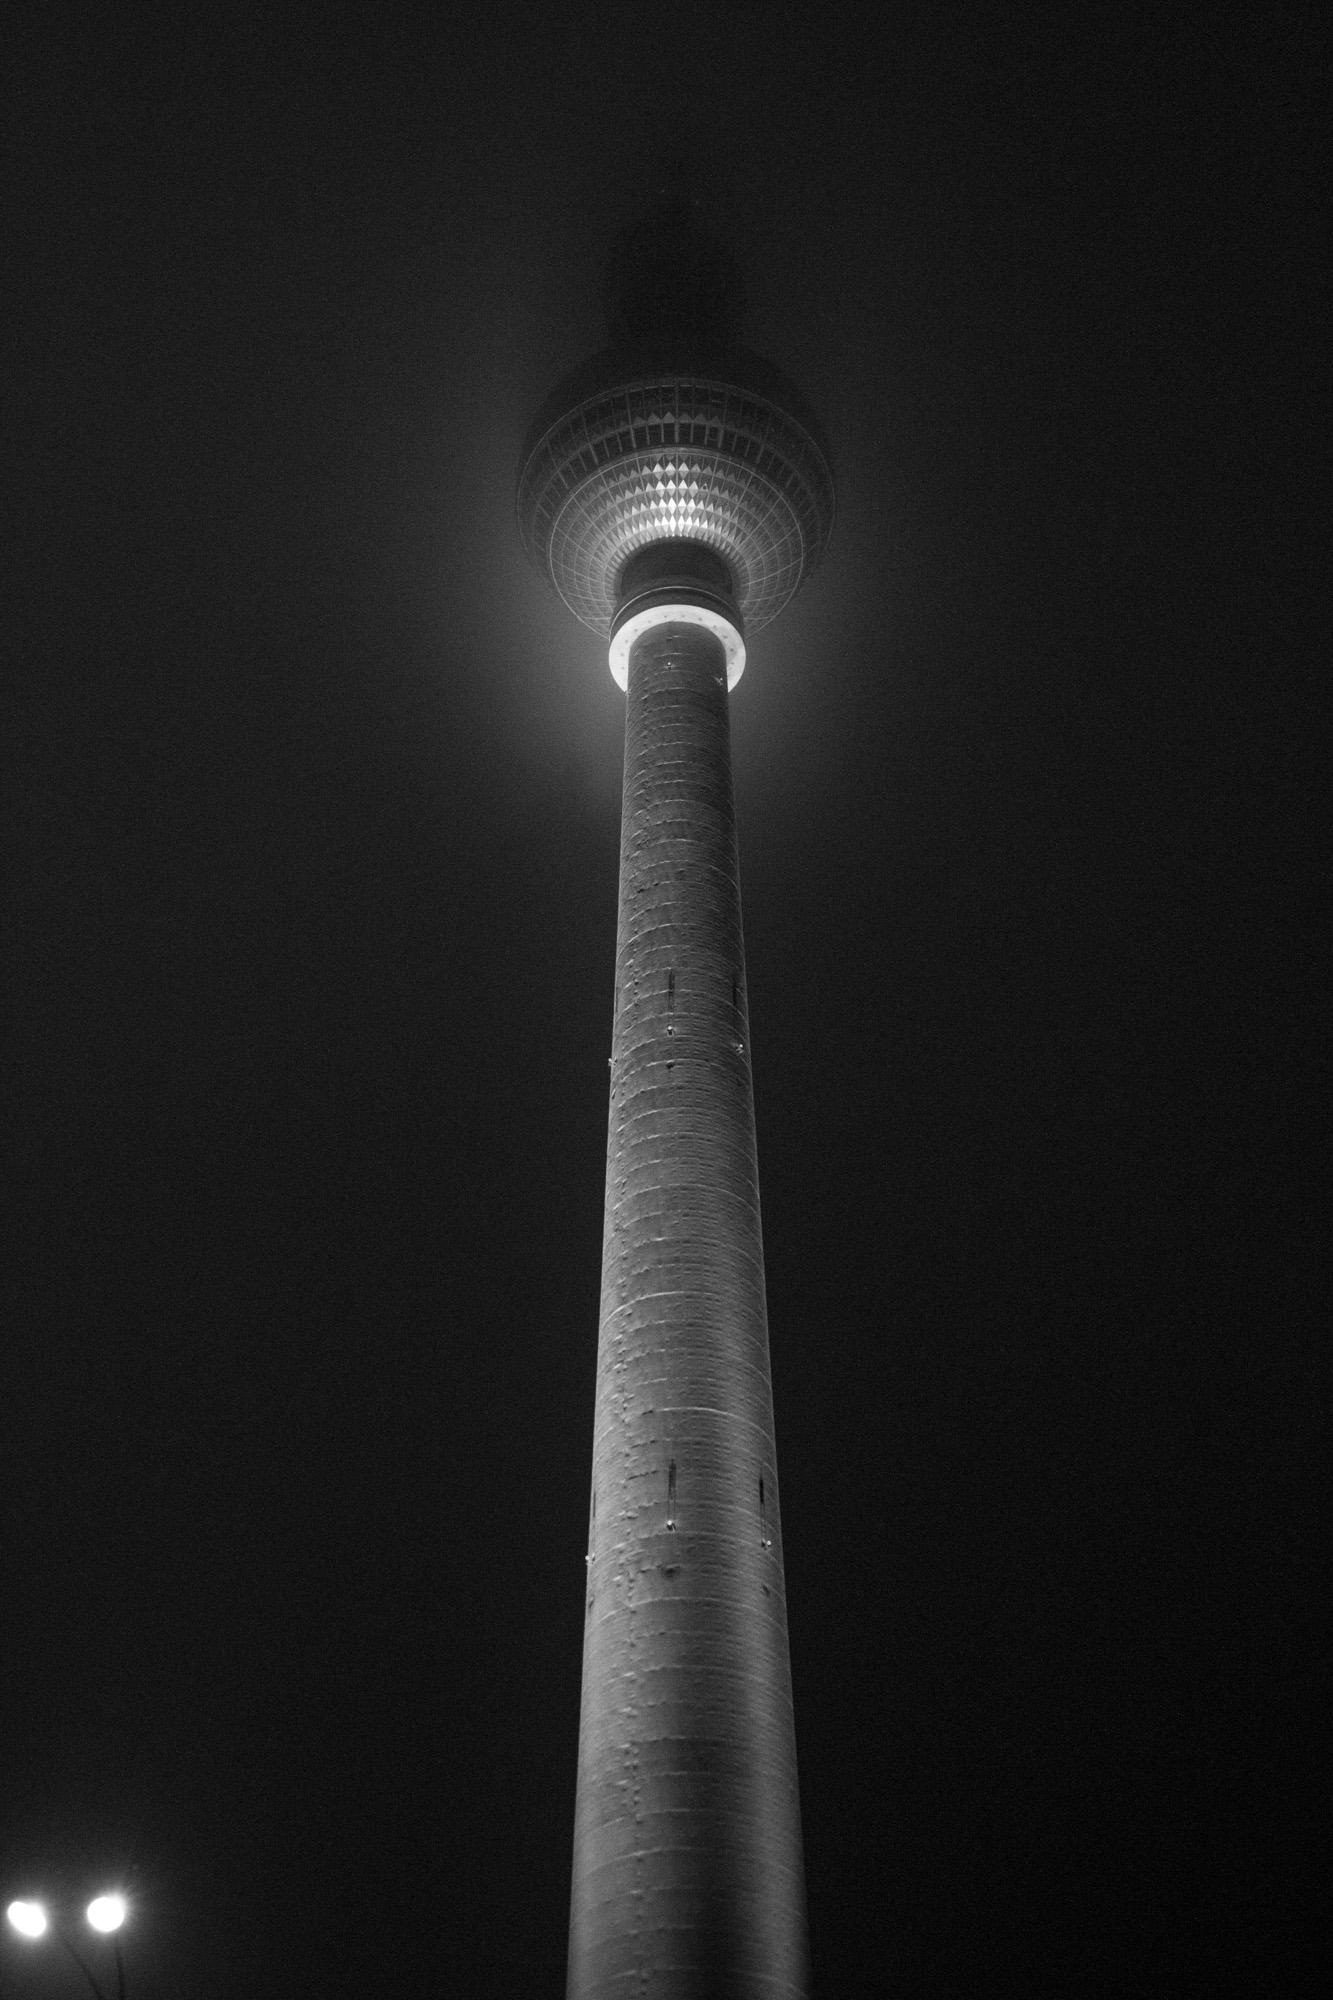 Berliner Fernsehturm  by night, coated in slight fog.